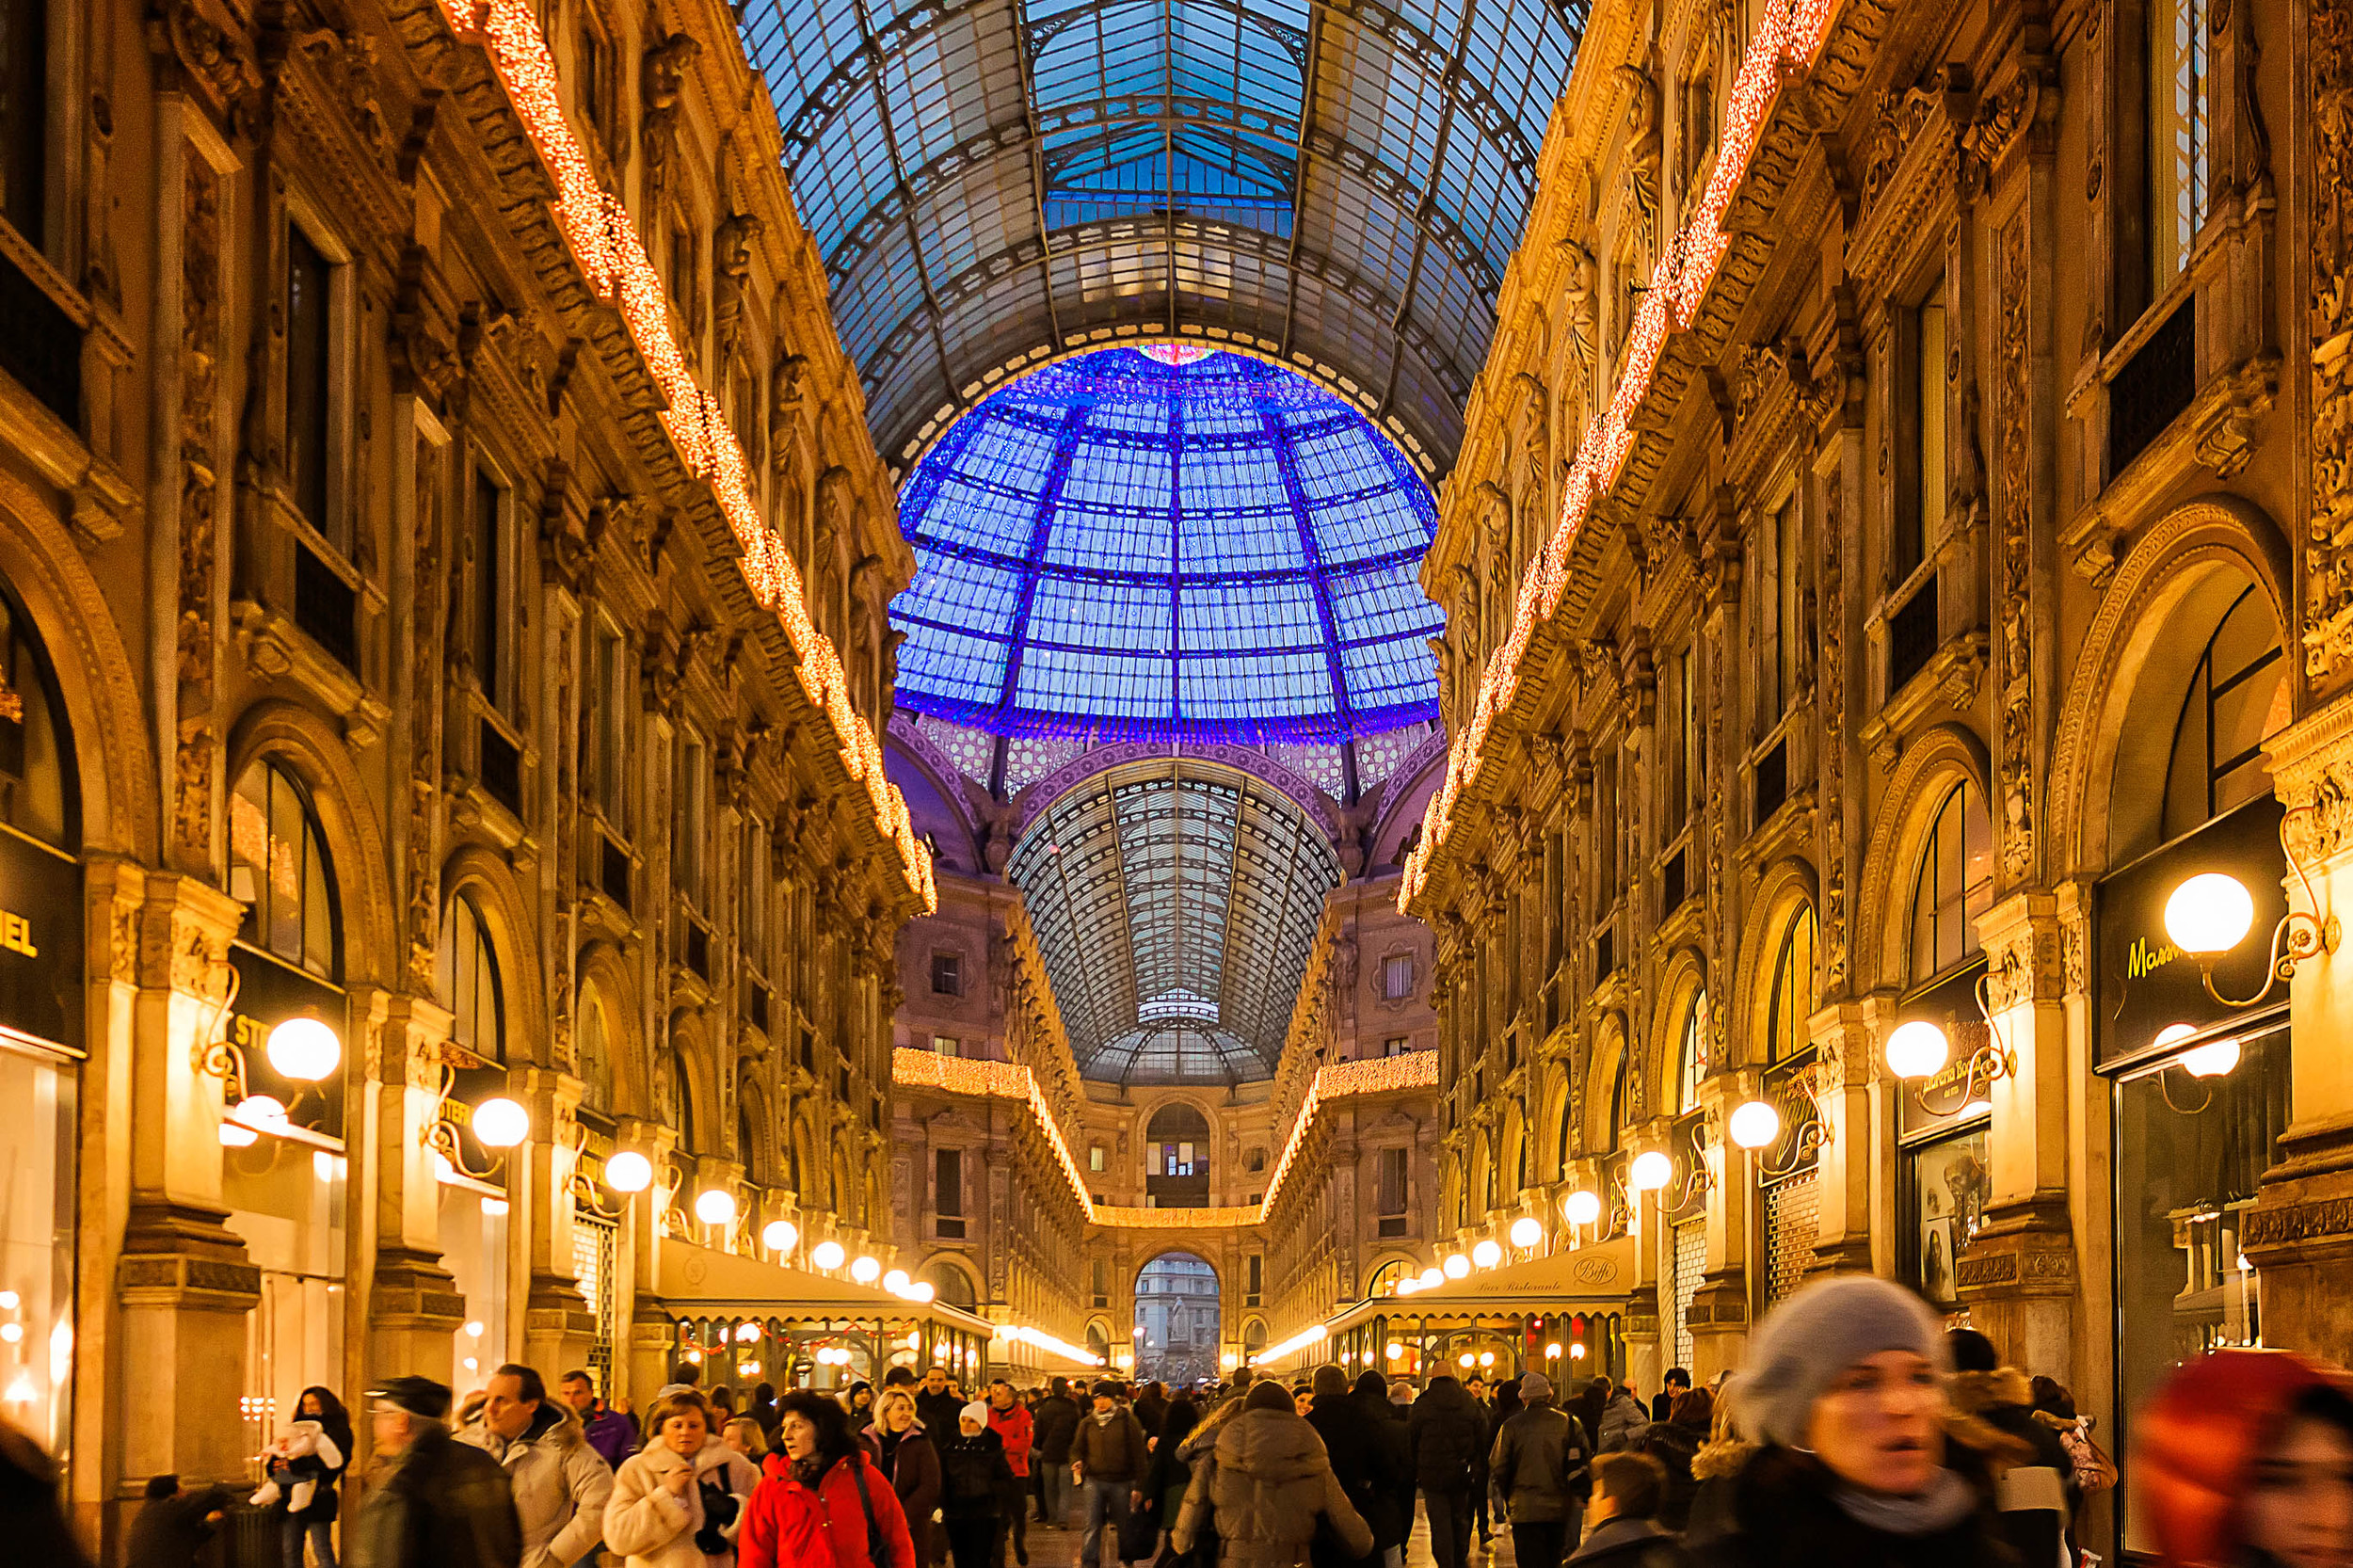 Un'immagine dal sapore natalizio. La galleria Vittorio Emanuele II addobbata a festa. Dati di scatto: f/5,6, 1/20 sec., ISO 800, focale 20mm. Immagine di Luca Camillo (lcamillo[at]aminstruments.com)